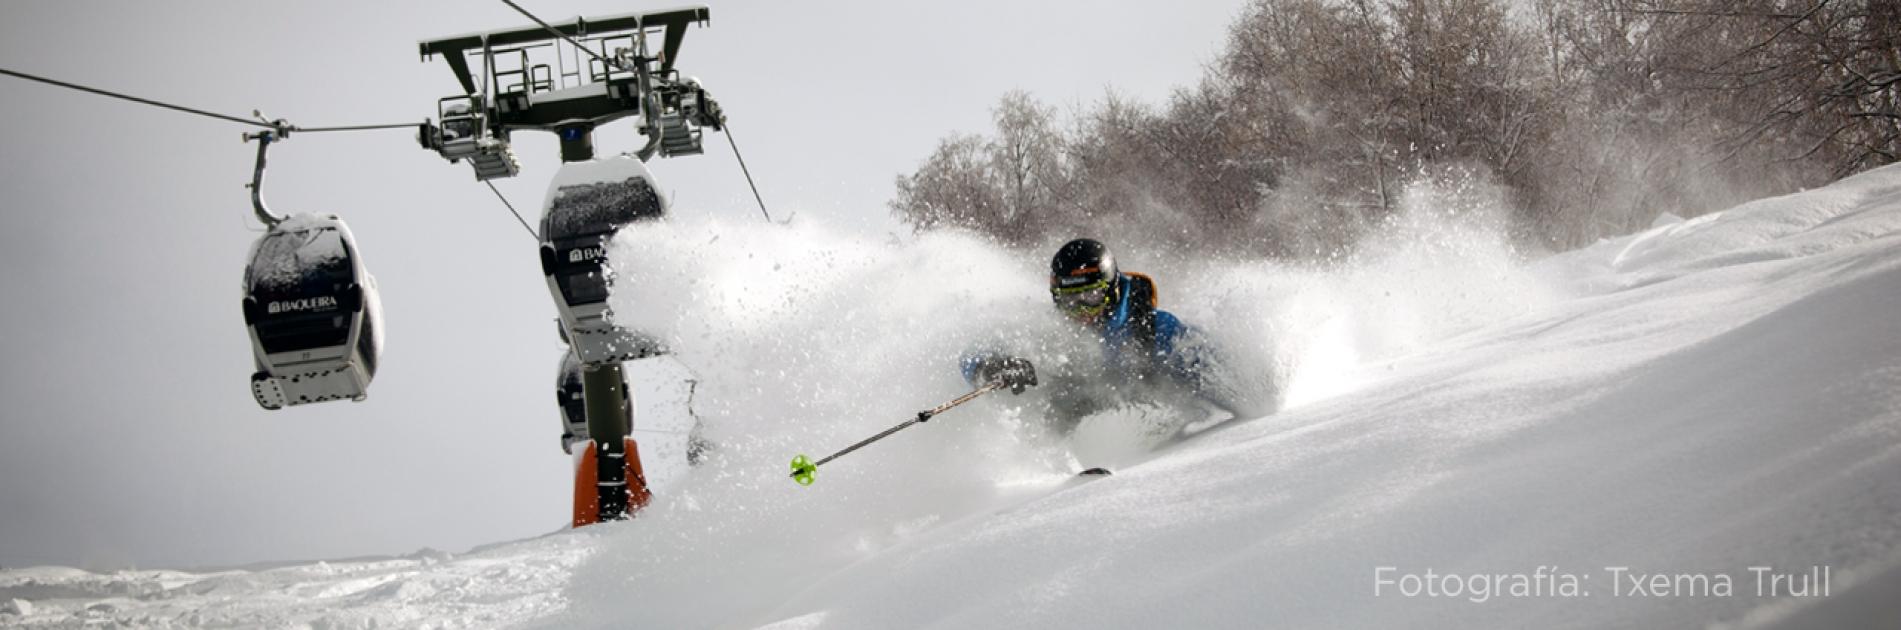 Ski Experiences